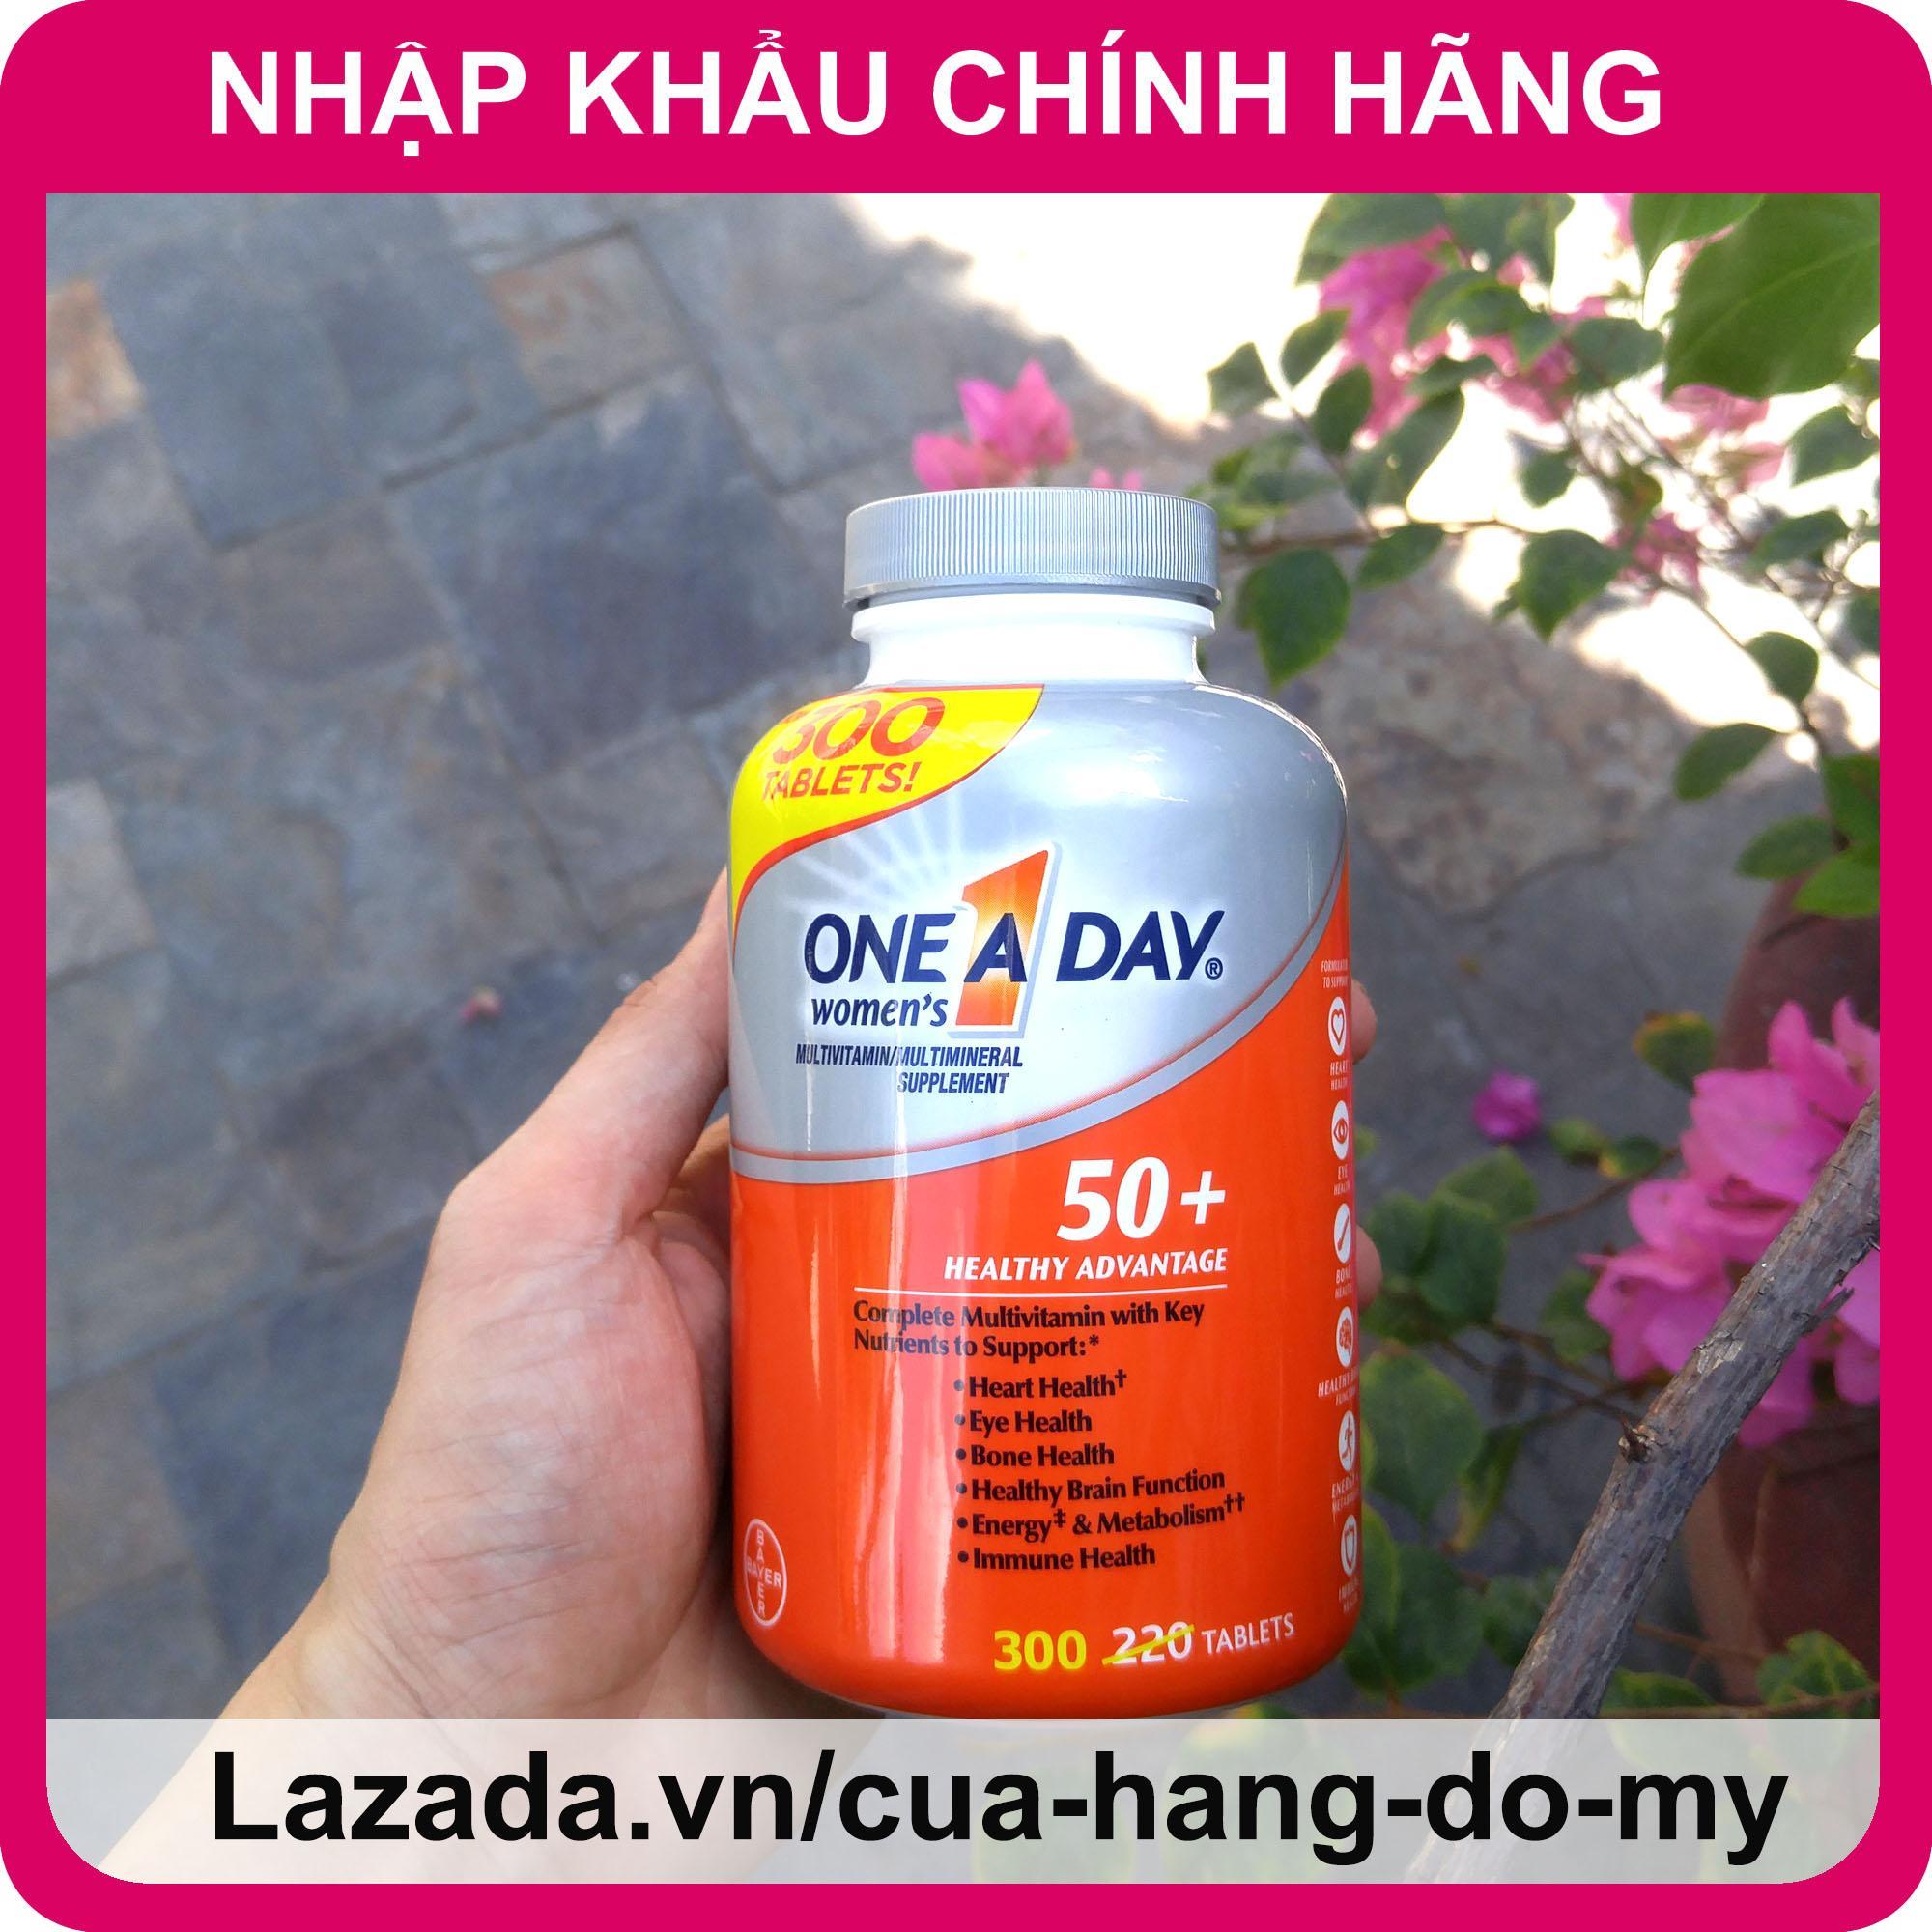 Vitamin Tổng Hợp One A Day For Women 50+ dành cho phụ nữ trên 50 tuổi 300 viên, giúp bồi bổ cơ thể tăng sức đề kháng chính hãng